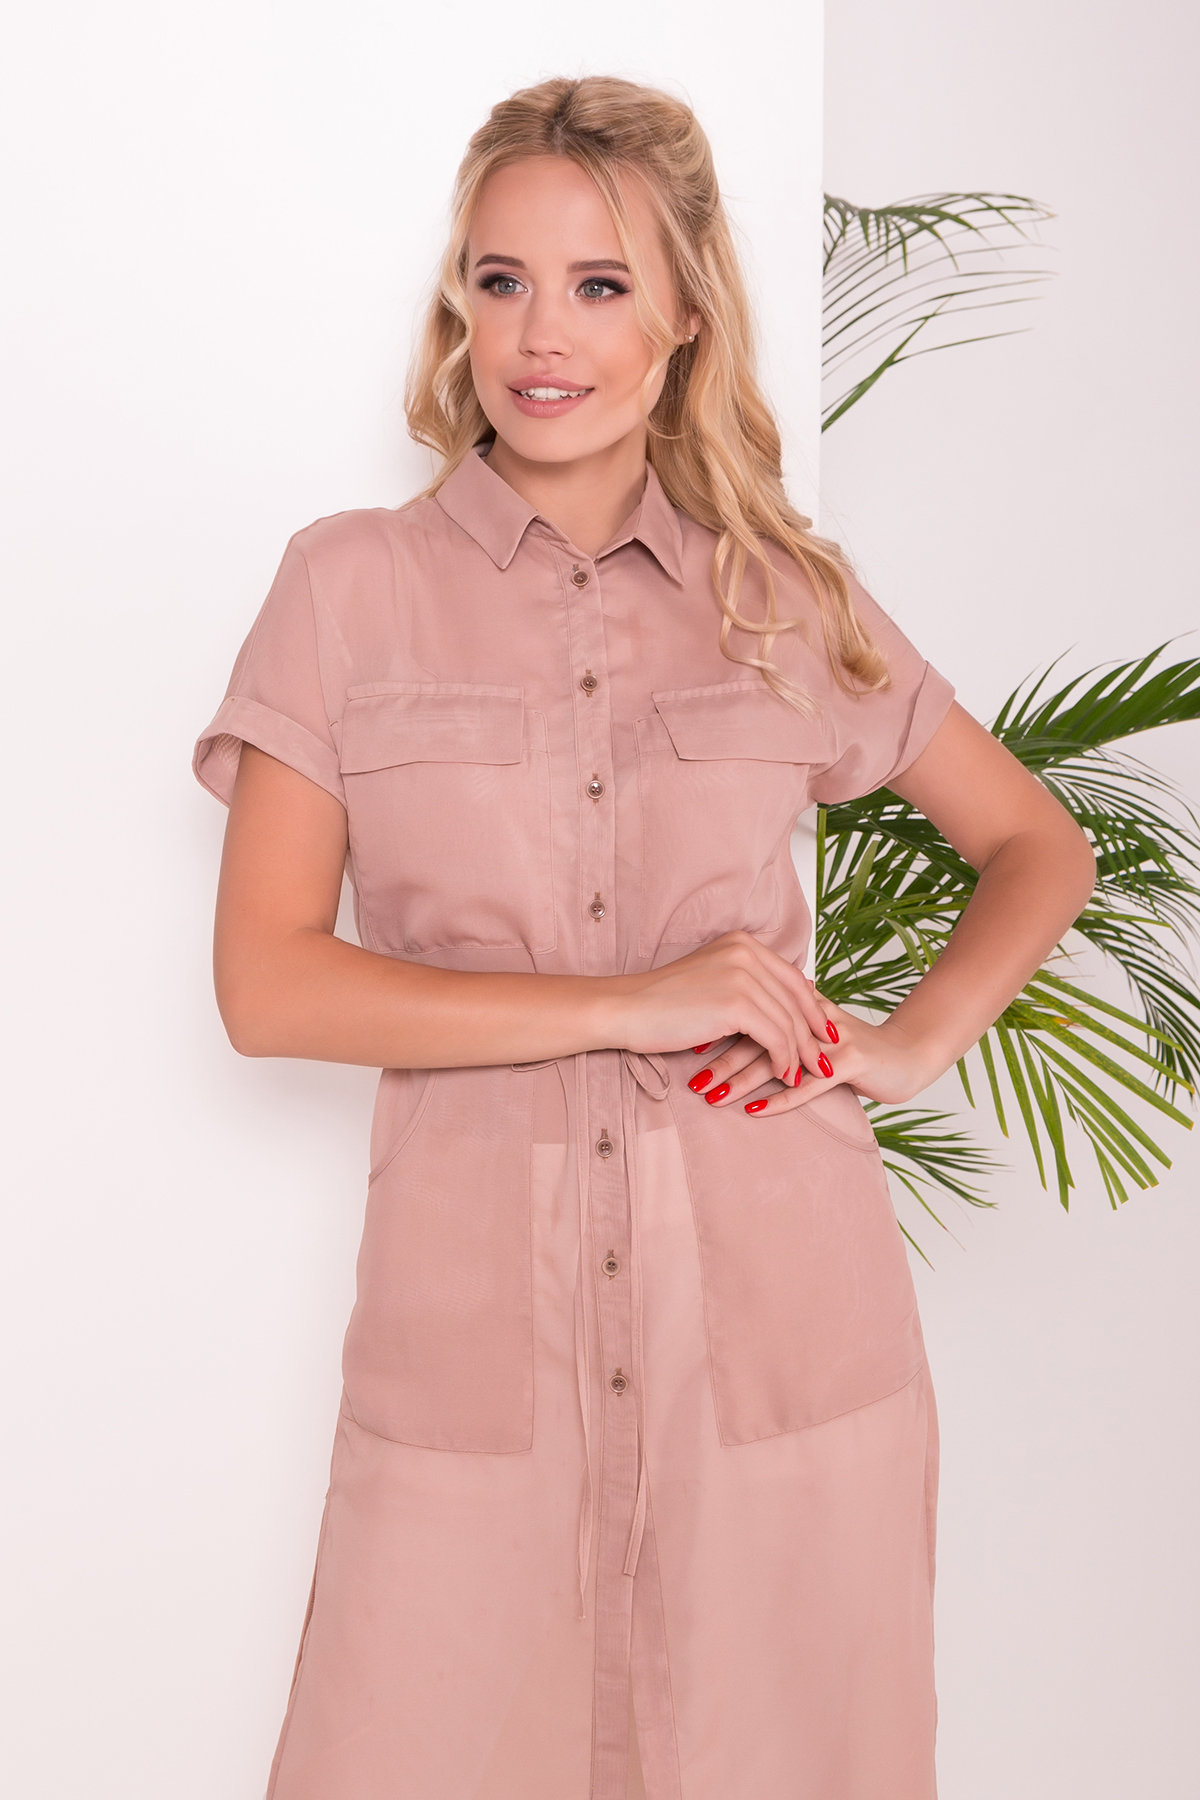 Платье-рубашка Эриал 7544 АРТ. 43467 Цвет: Бежевый - фото 3, интернет магазин tm-modus.ru